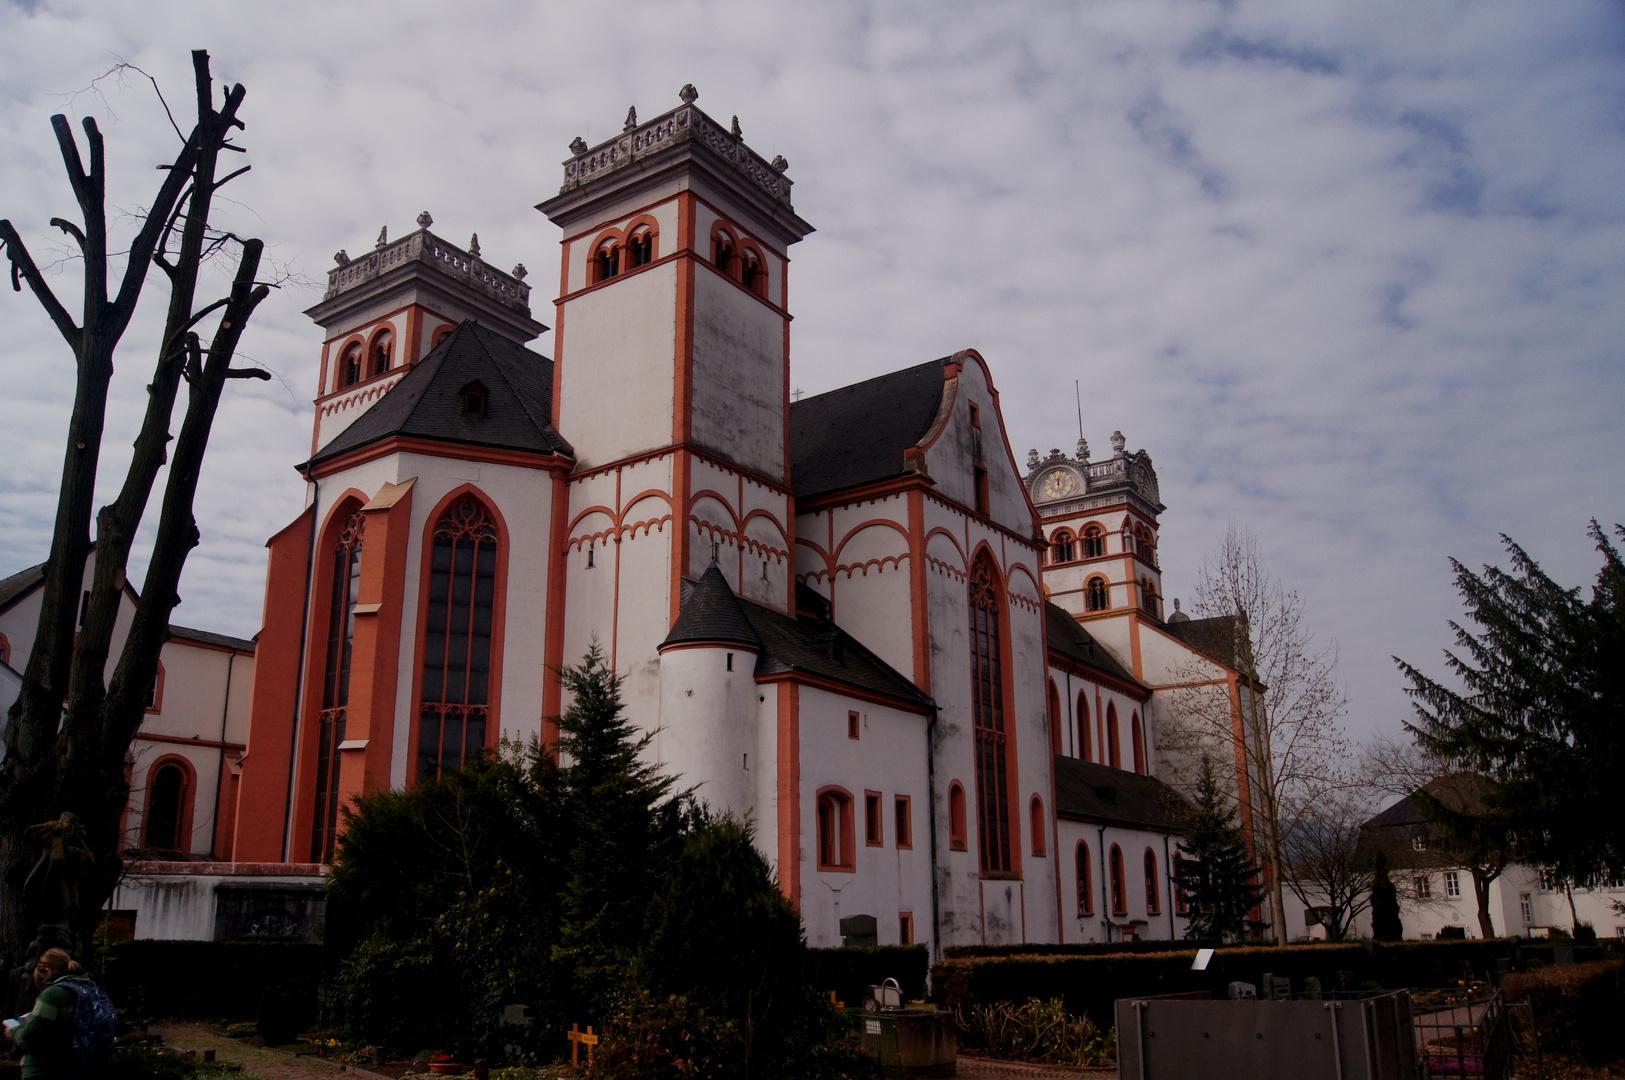 St. Matthias in Trier